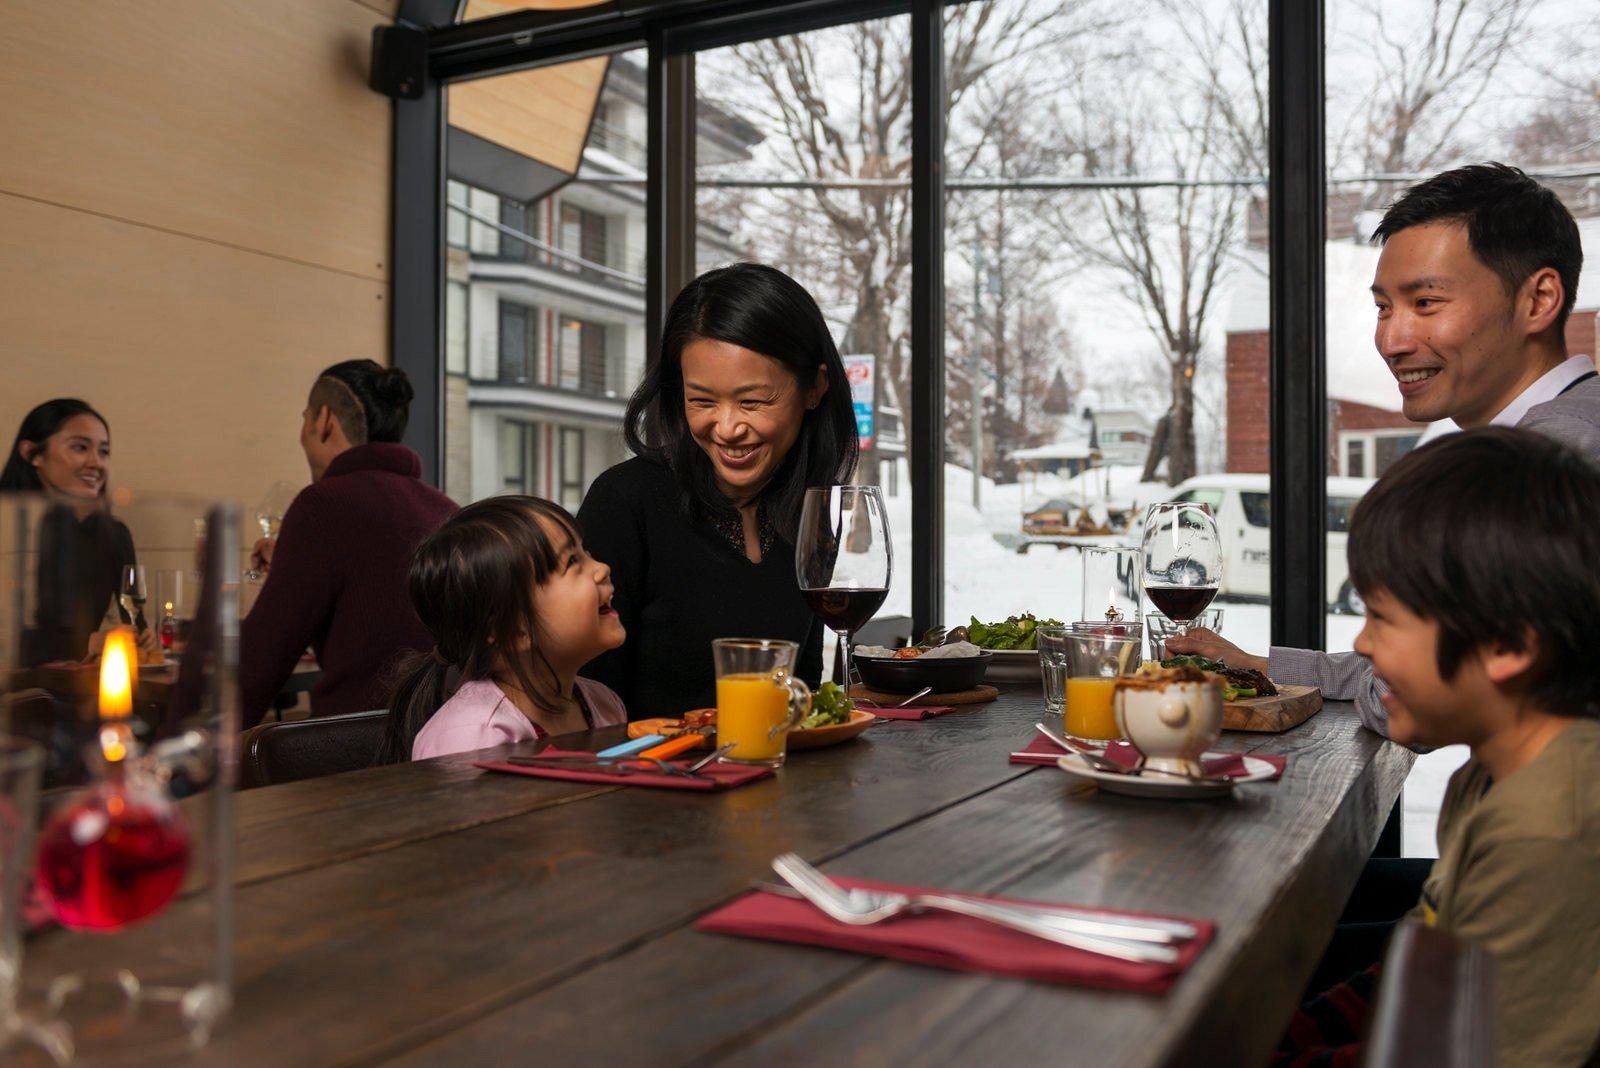 ニセコで外食を楽しむ家族4人